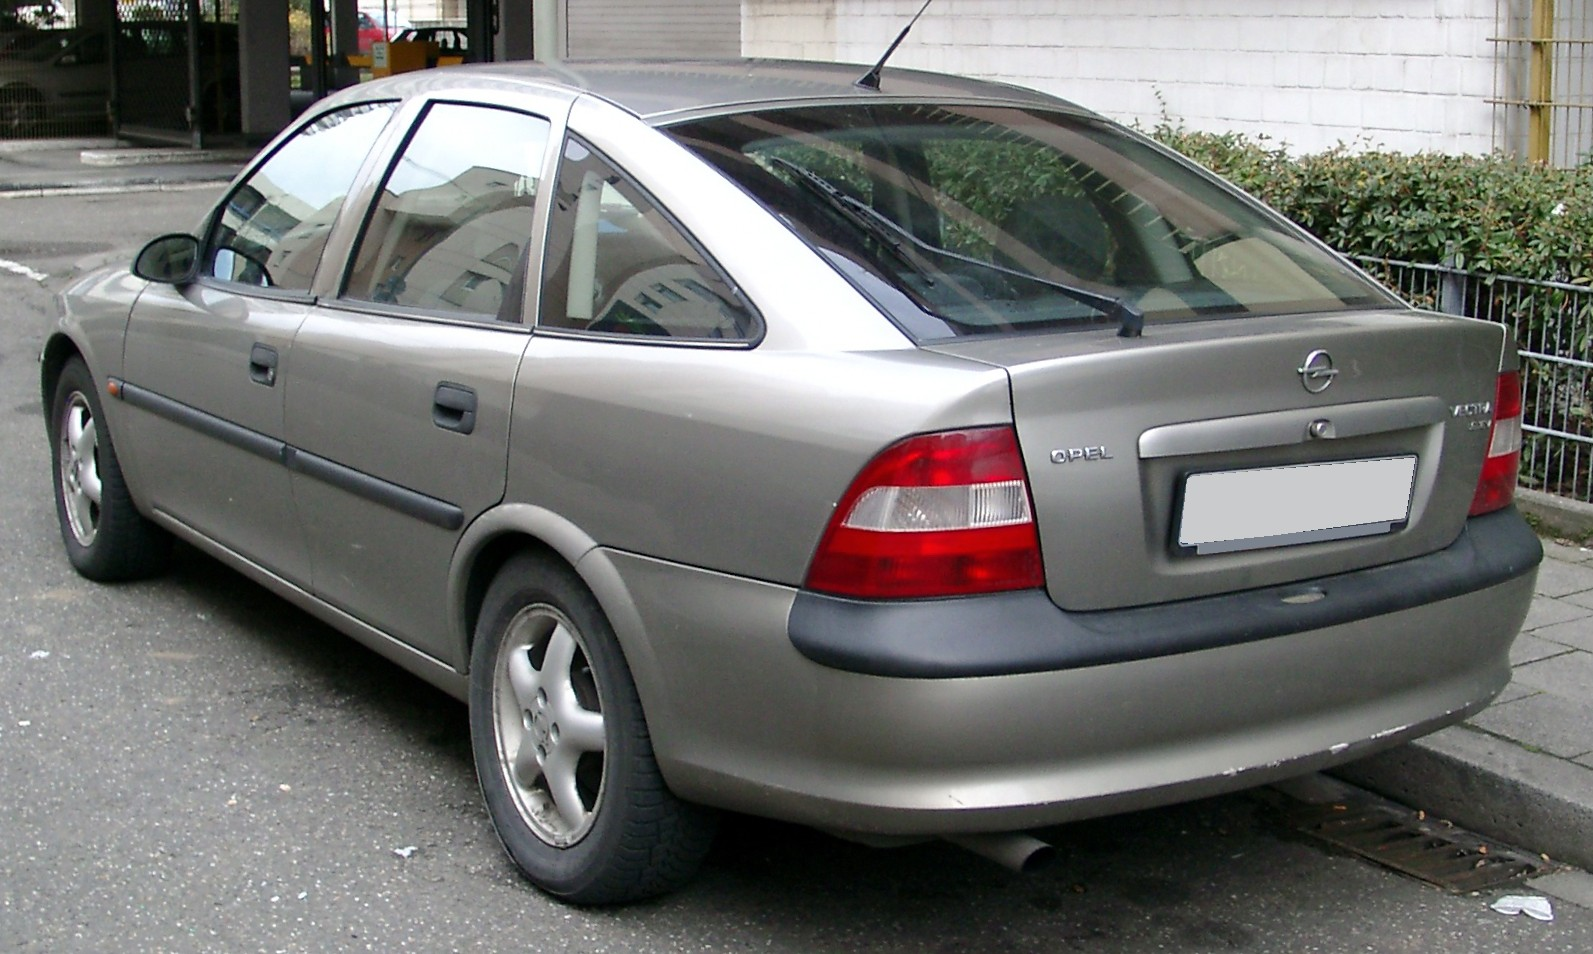 Holden Vectra 1998 - 2001 Hatchback 5 door #4